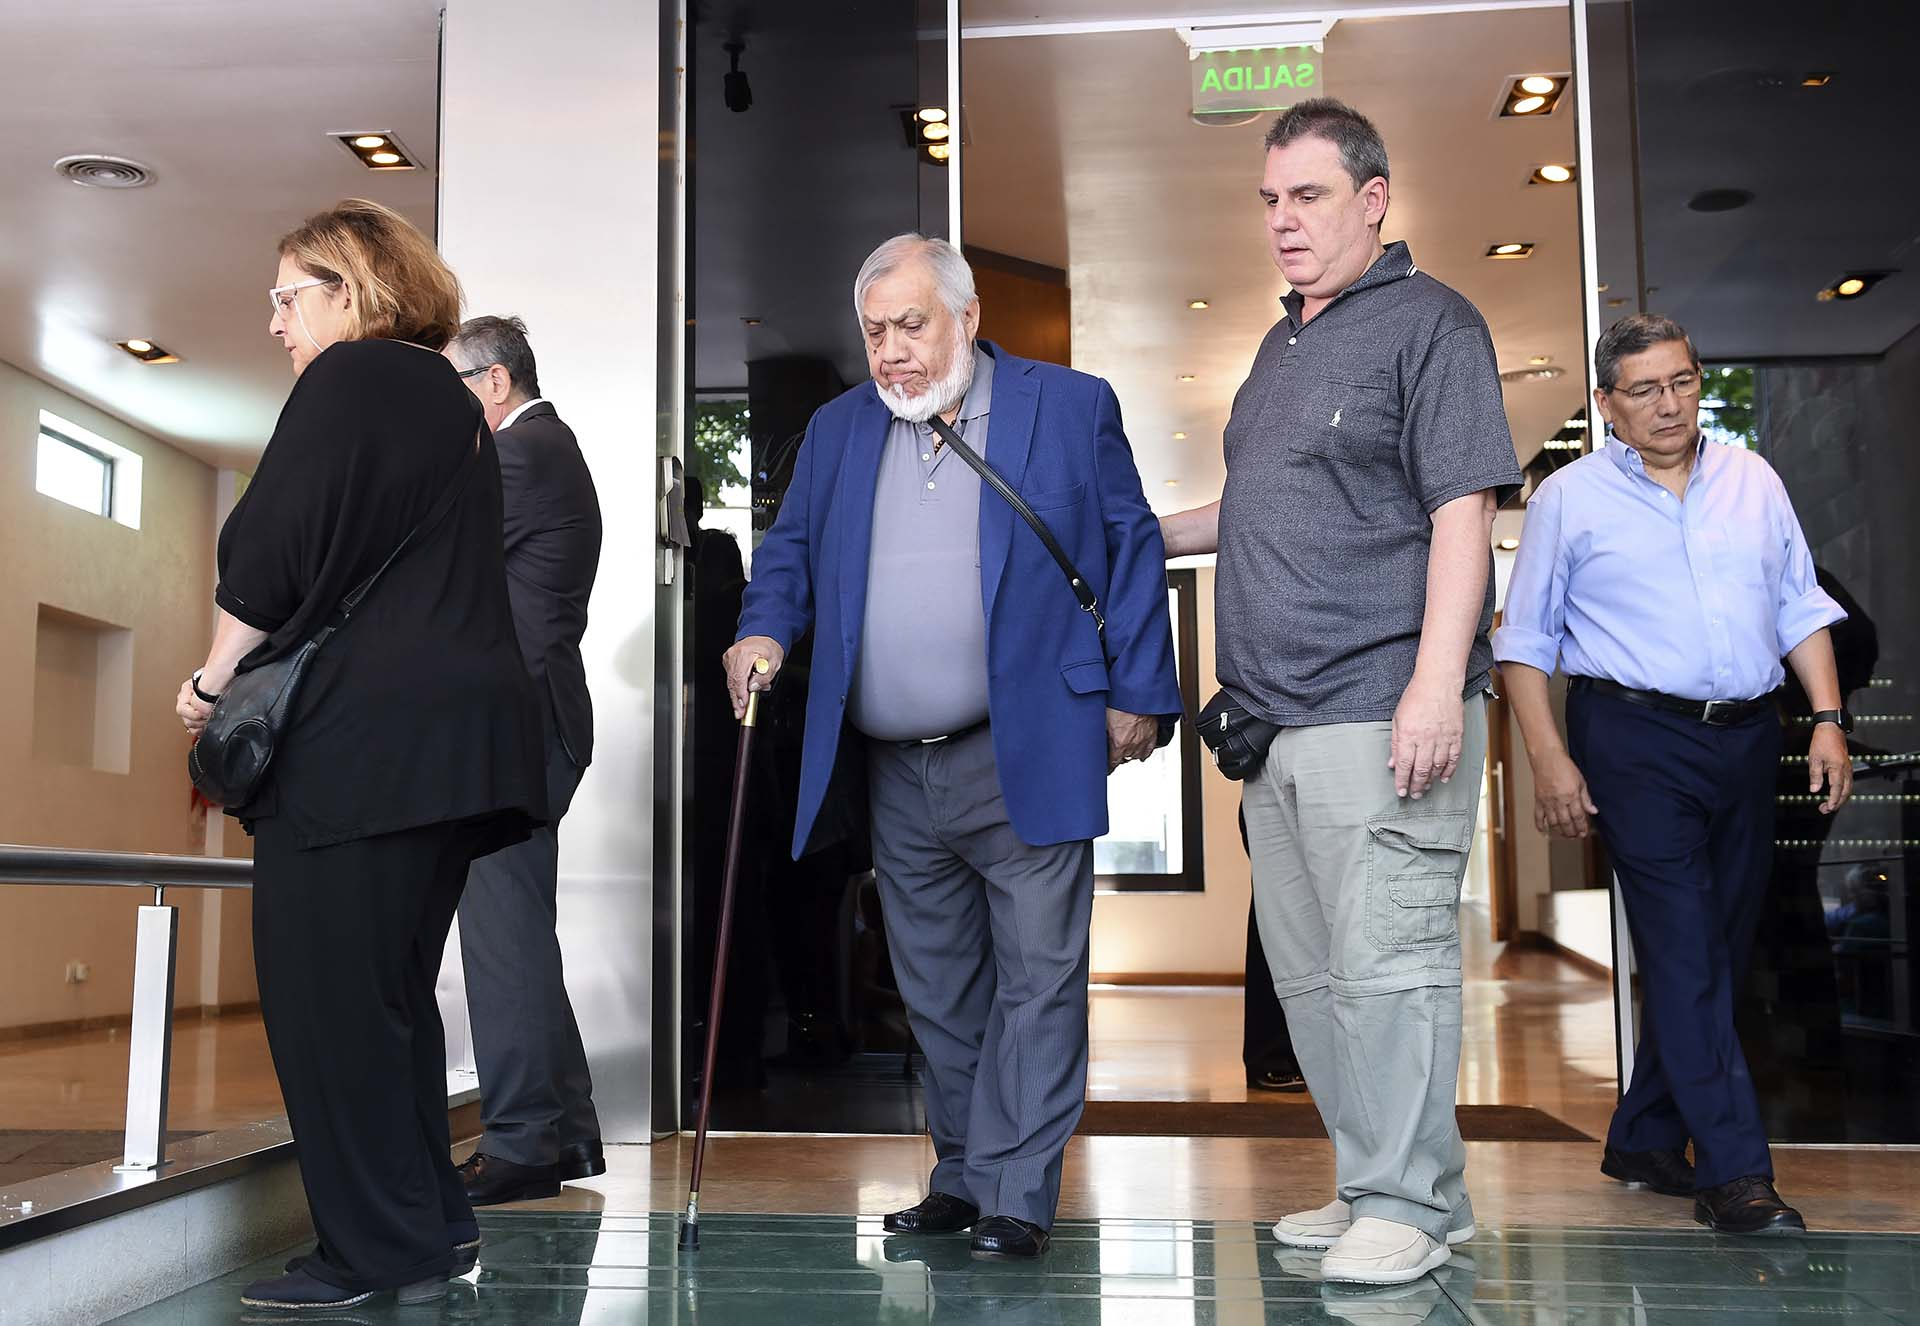 El folclorista Zamba Quipildor también se hizo presente para acompañar a la familia en el adiós a Juan Carlos Saravia